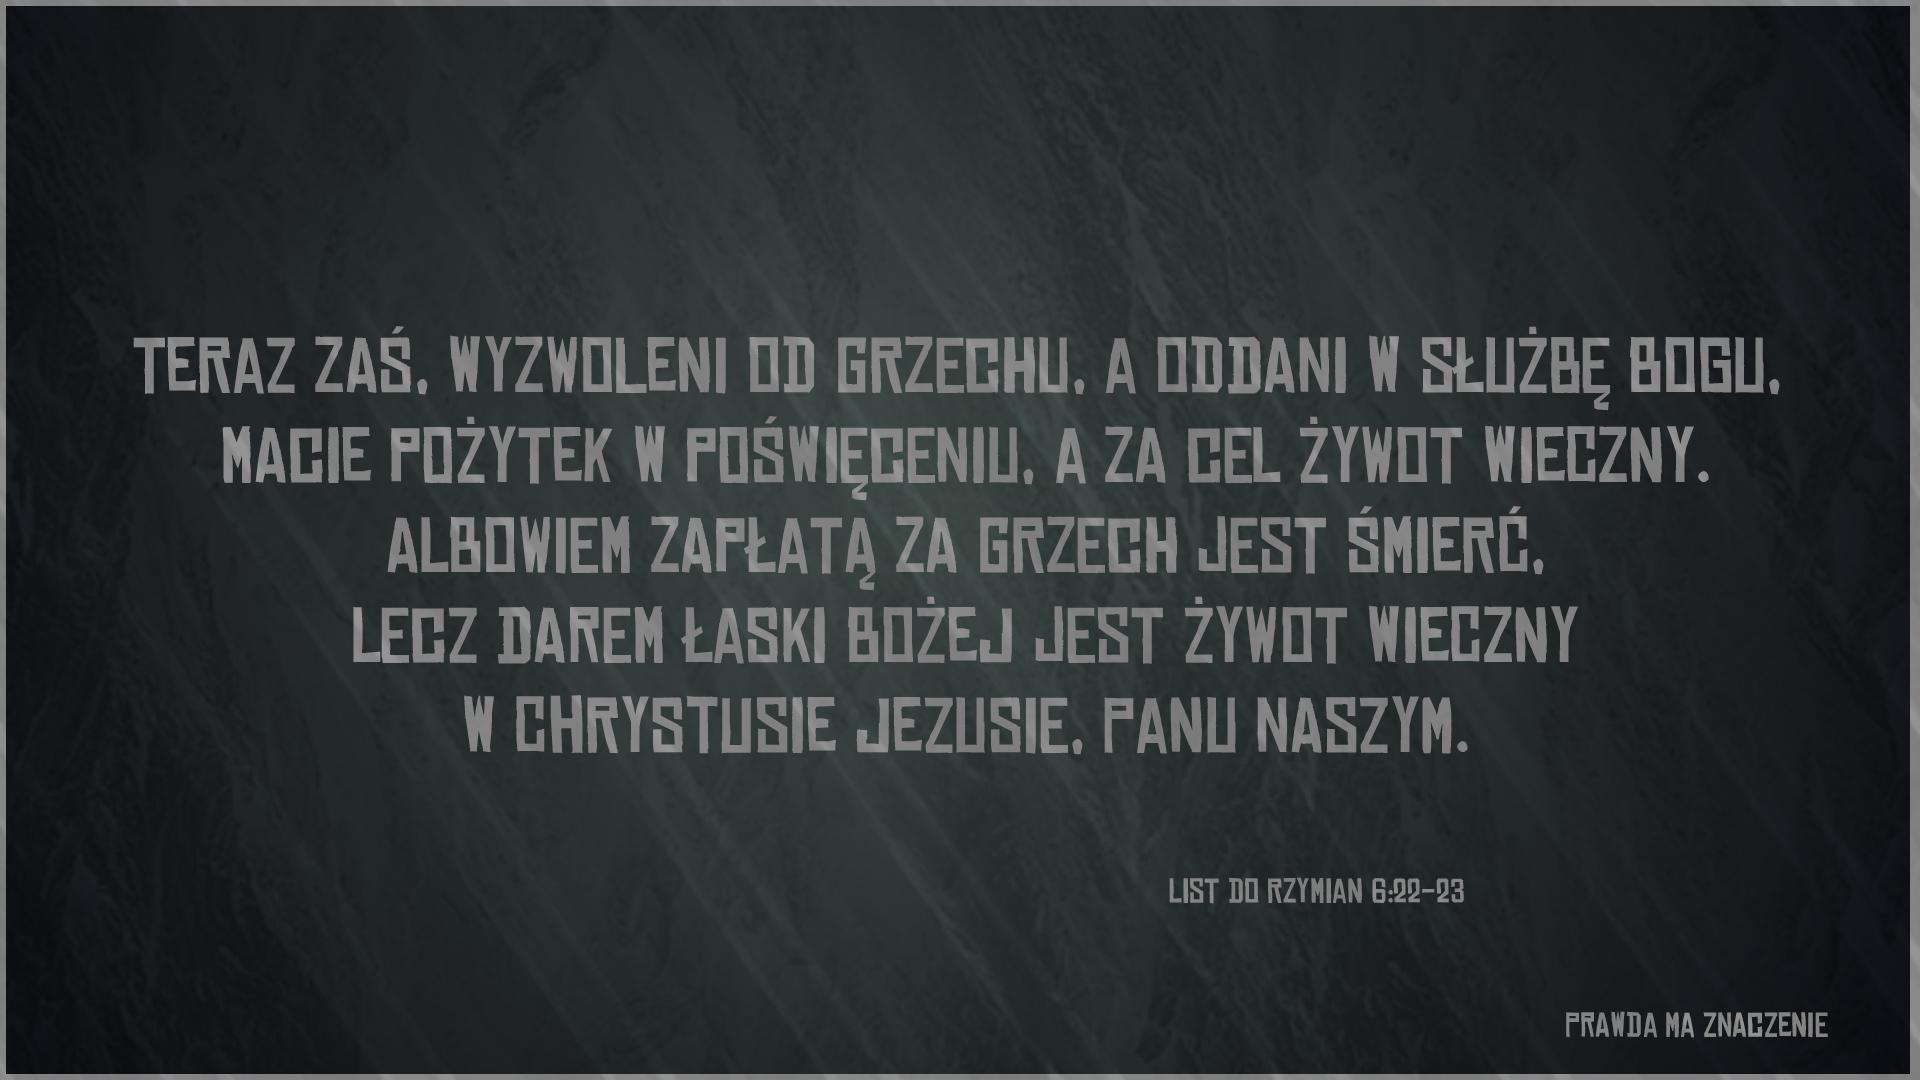 RZYMIAN 6 22 23